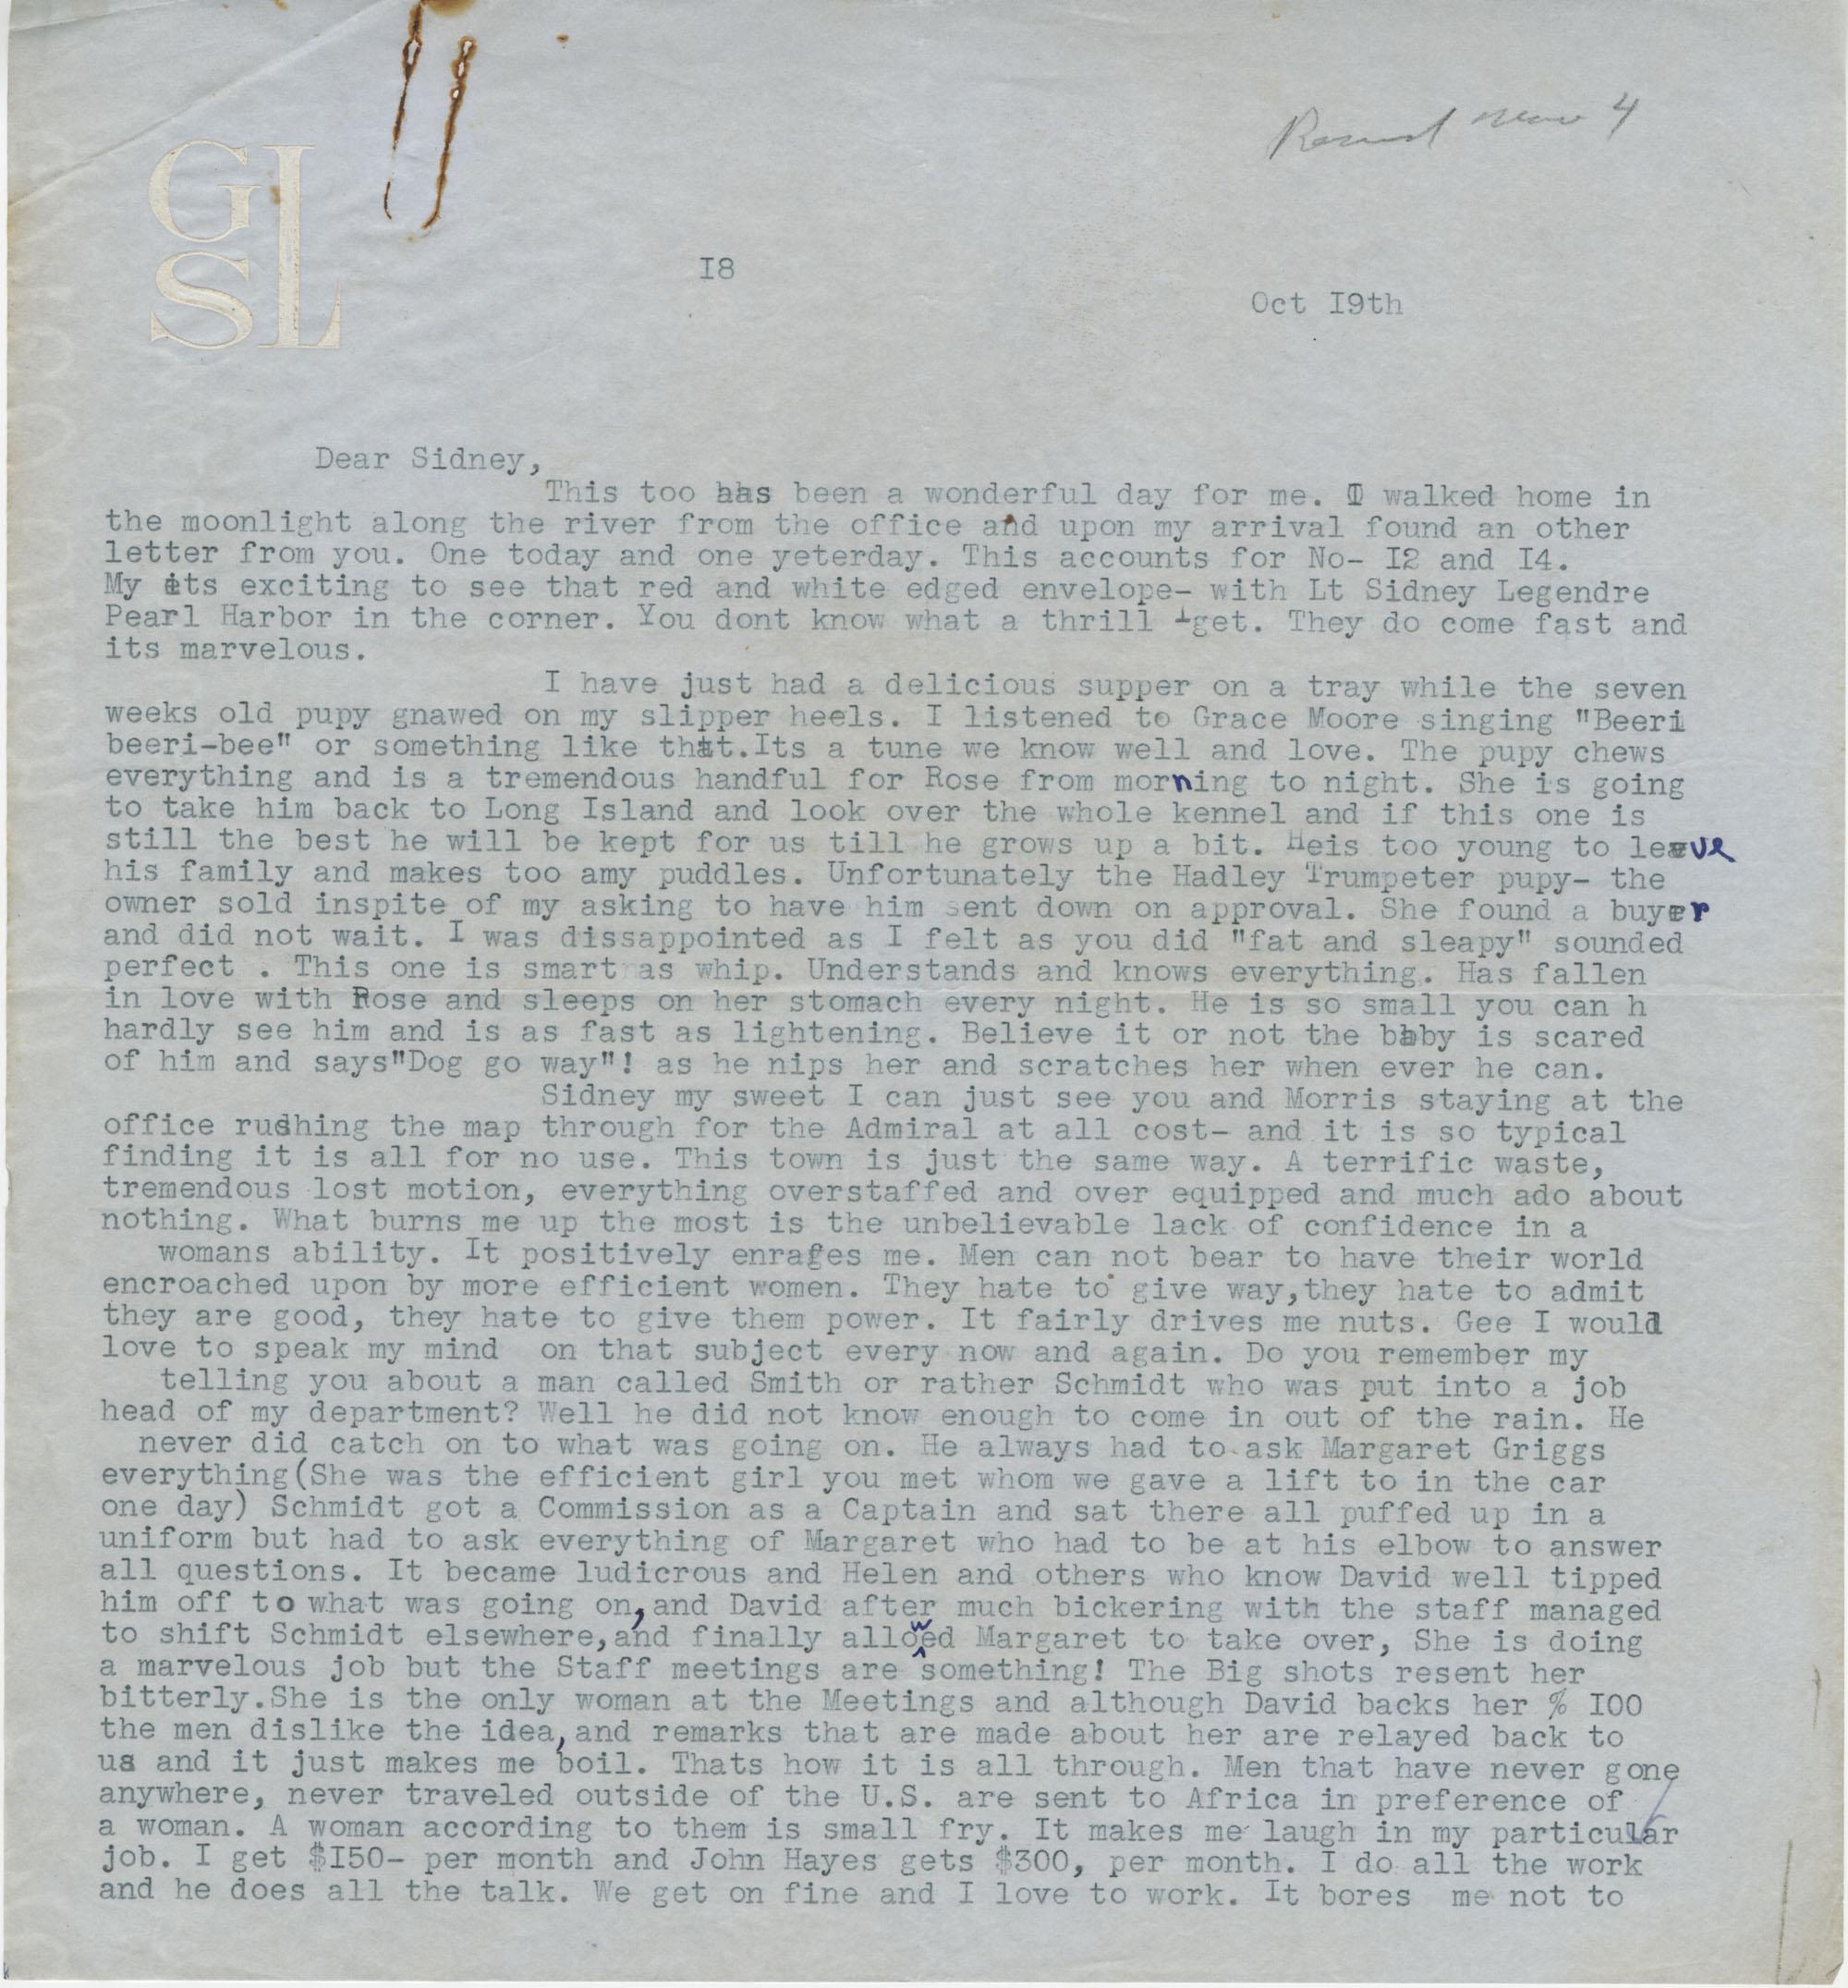 Letter from Gertrude Sanford Legendre, October 19, 1942